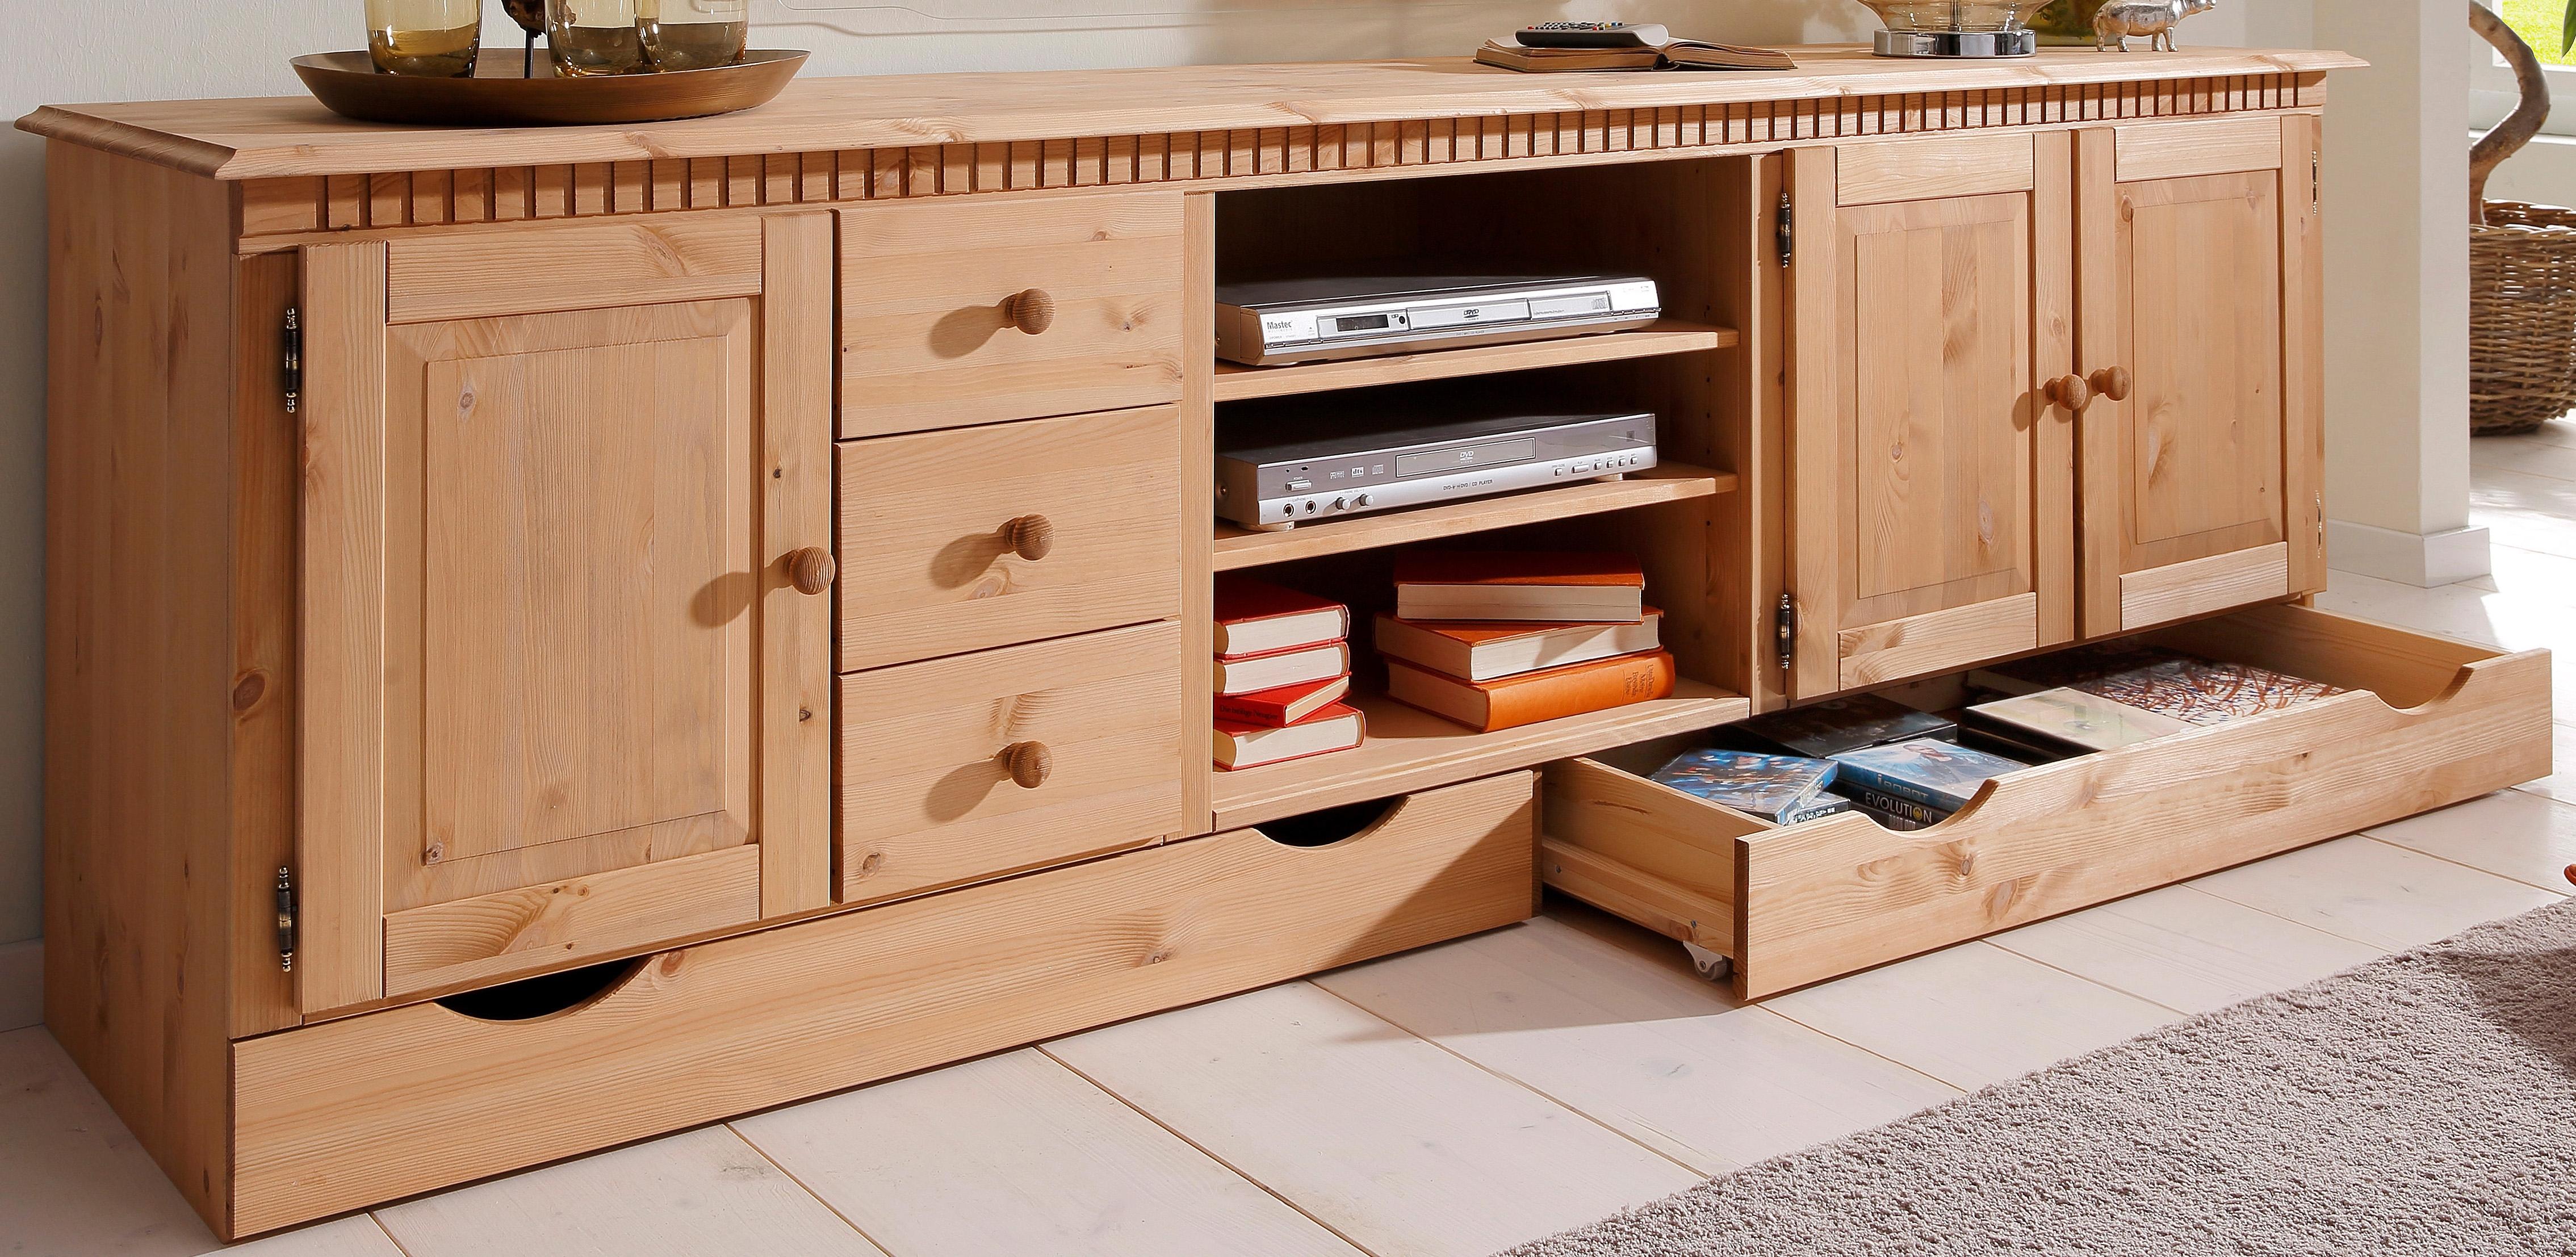 Op zoek naar een Home Affaire Lowboard 50 cm diep? Koop online bij OTTO